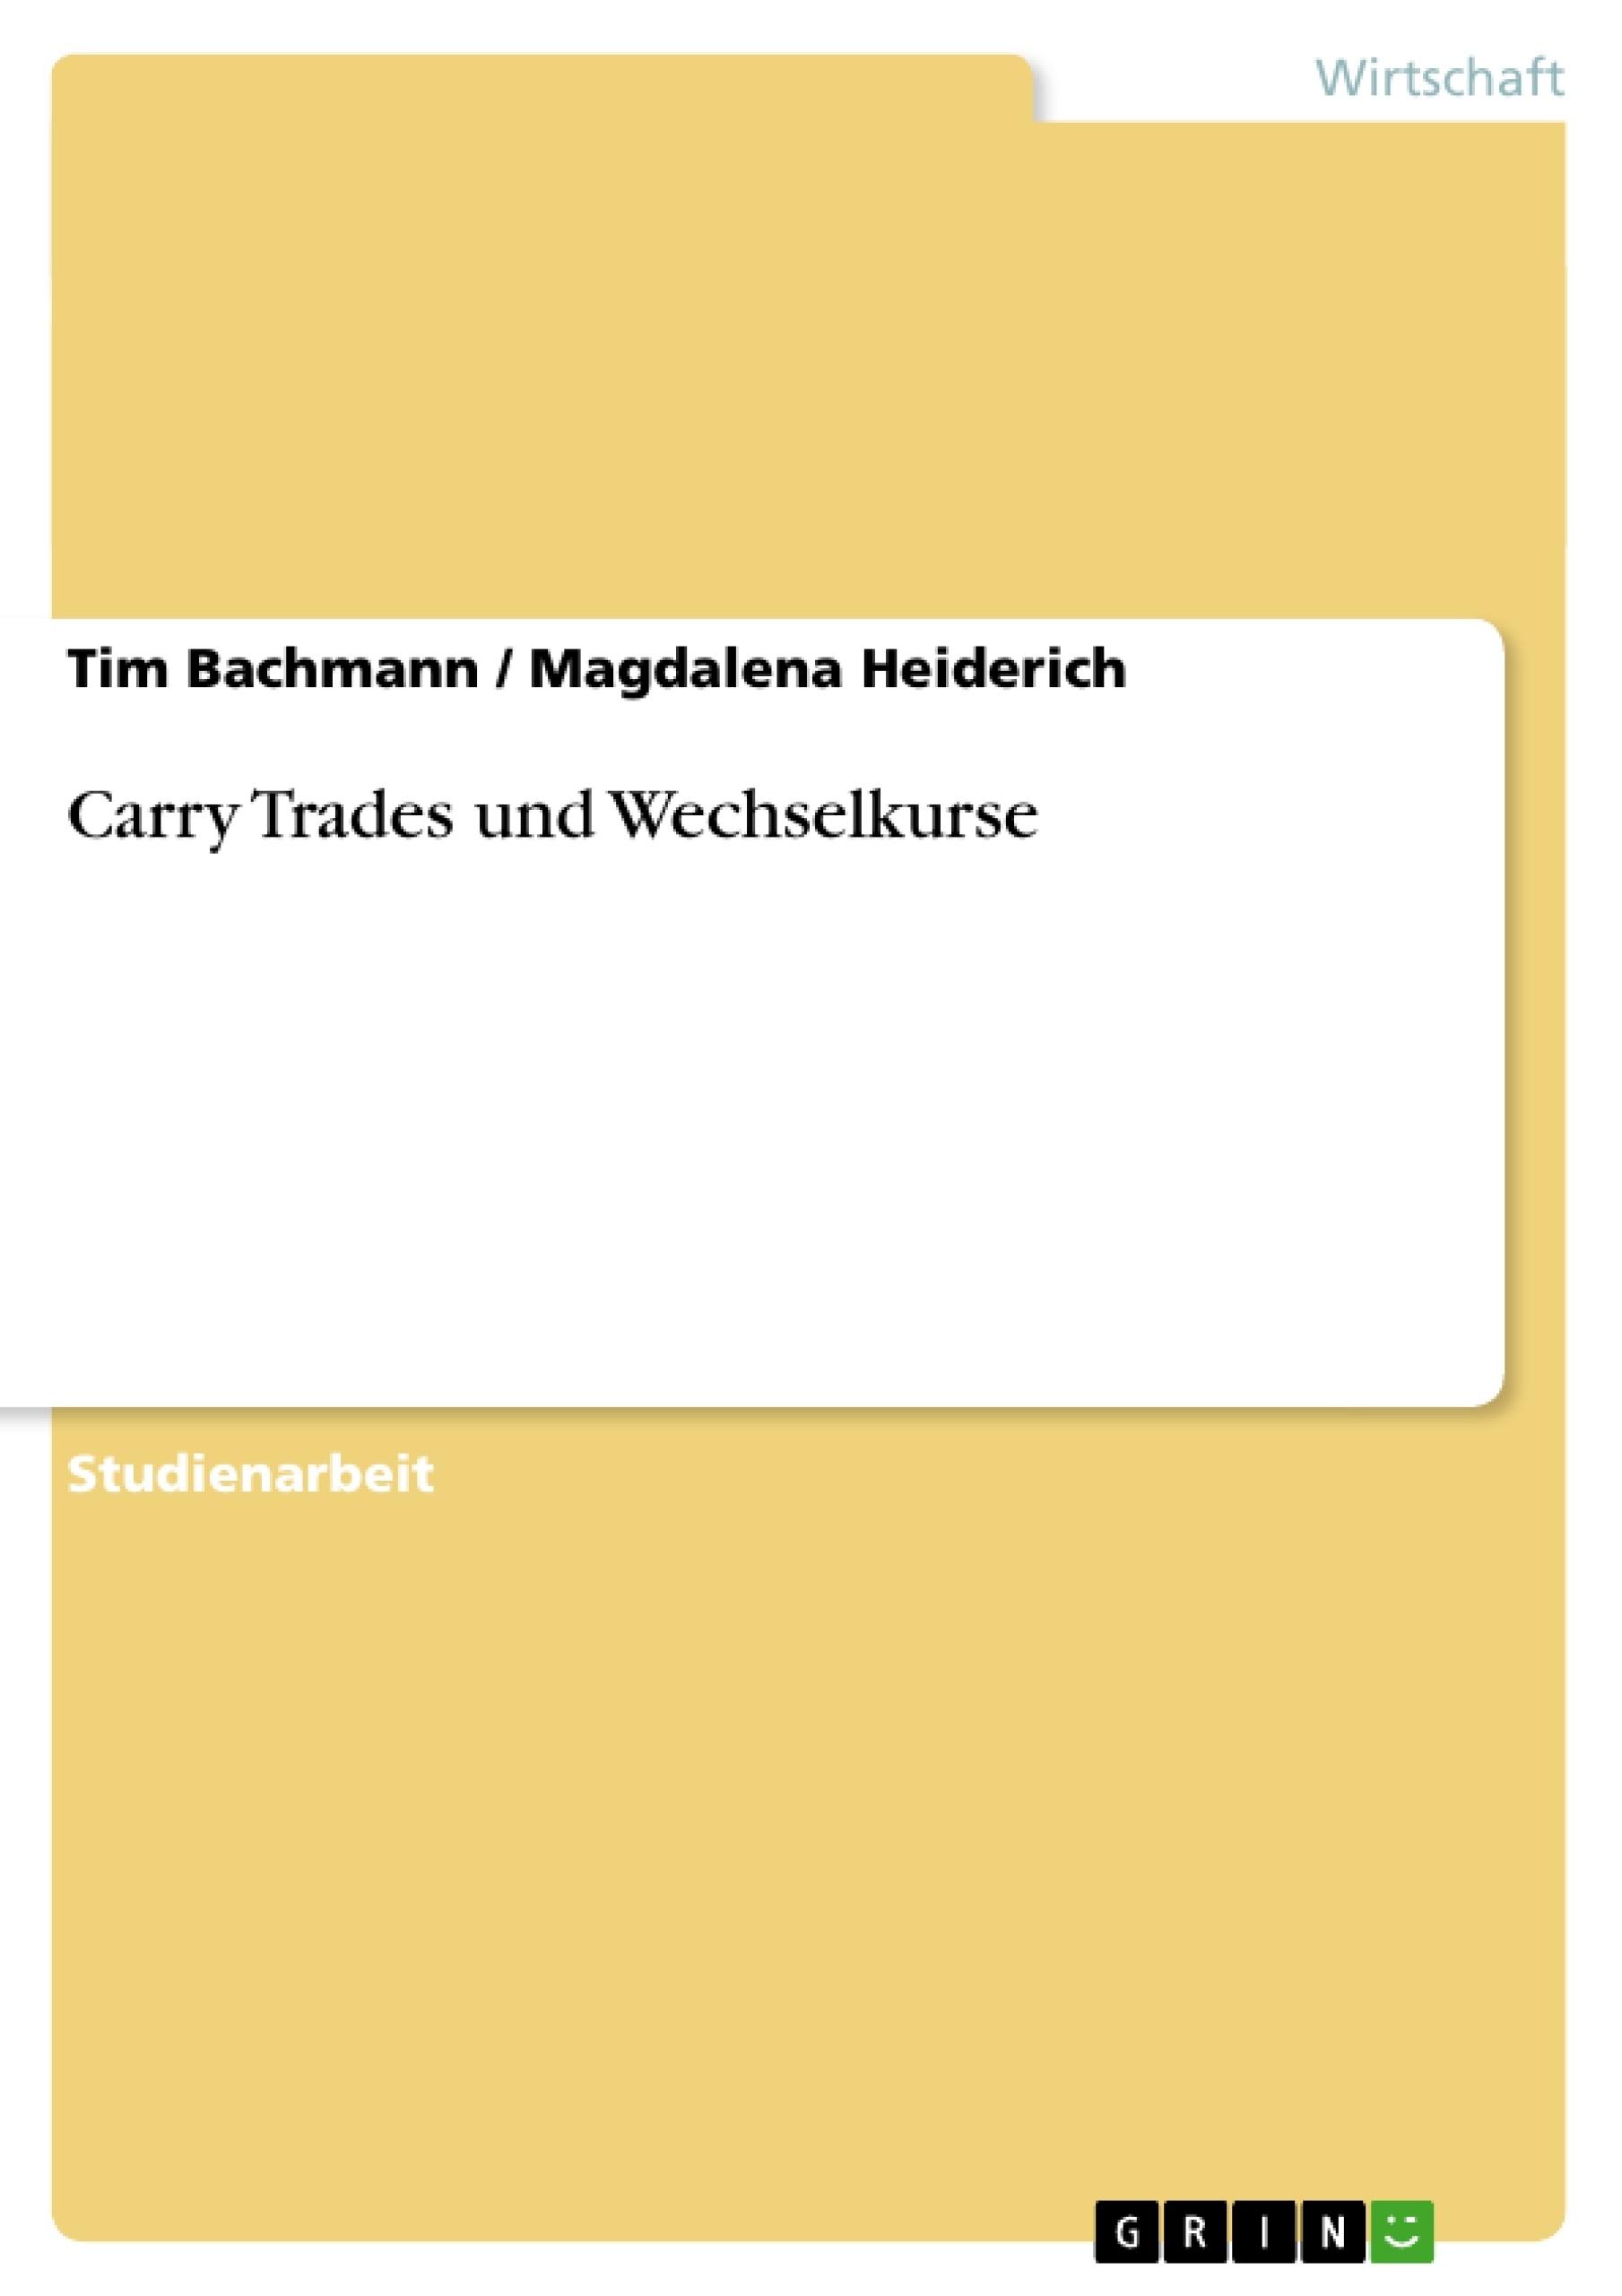 Titel: Carry Trades und Wechselkurse